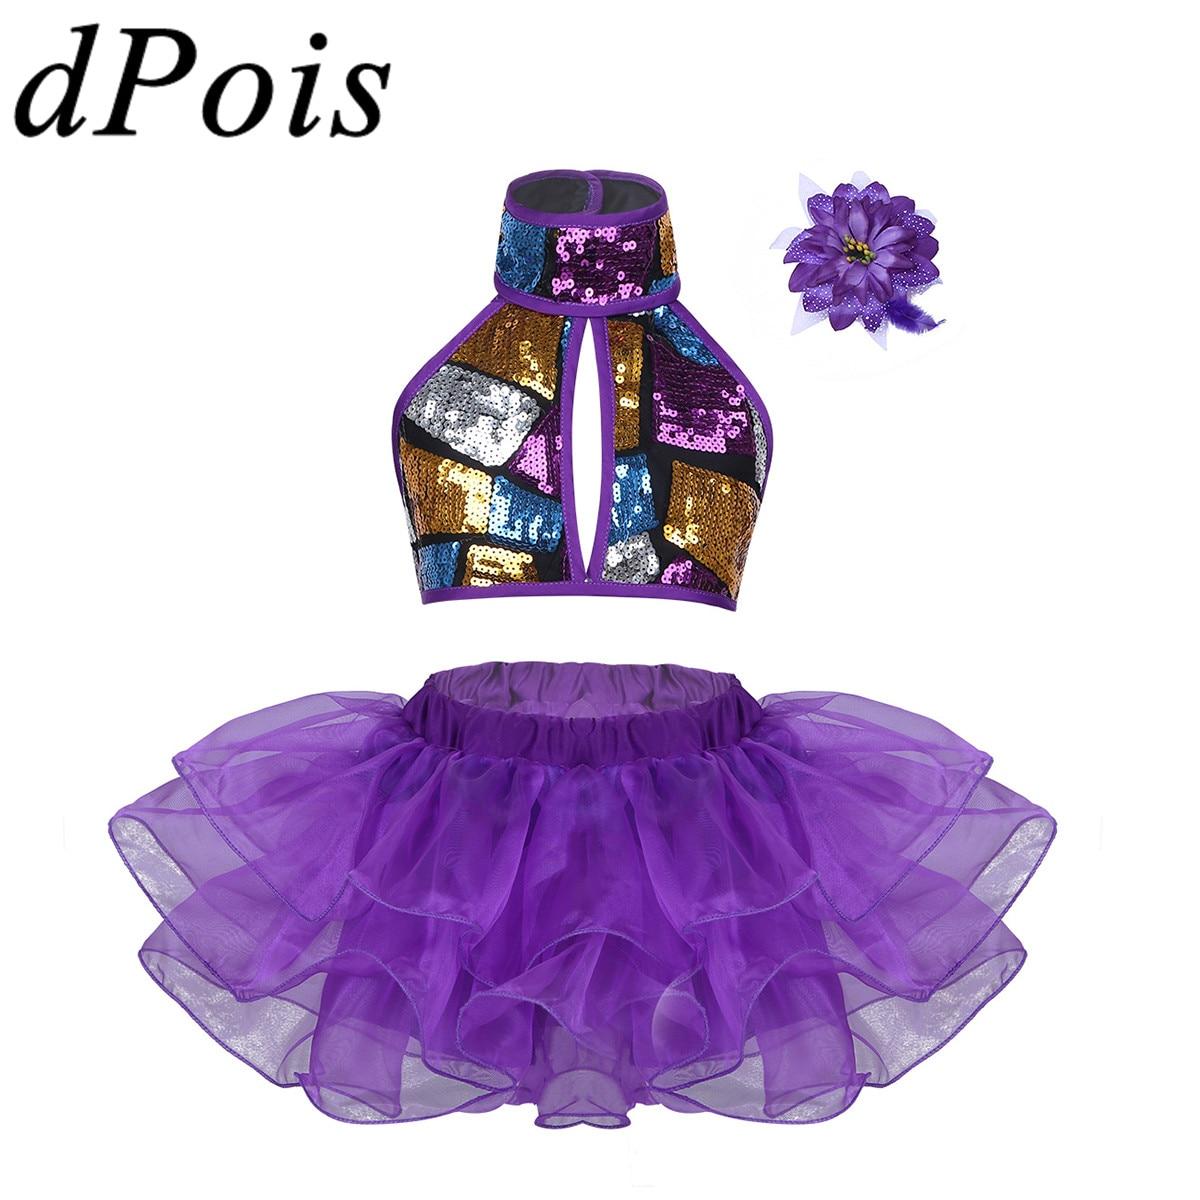 dPois 2 Piezas Traje de Danza L/írica Contempor/ánea para Mujer Chica Vestido Elegante de Ballet Baile Moderno Conjunto Criss Cross Crop Top Falda Corta Irregular Fiesta Actuaci/ón